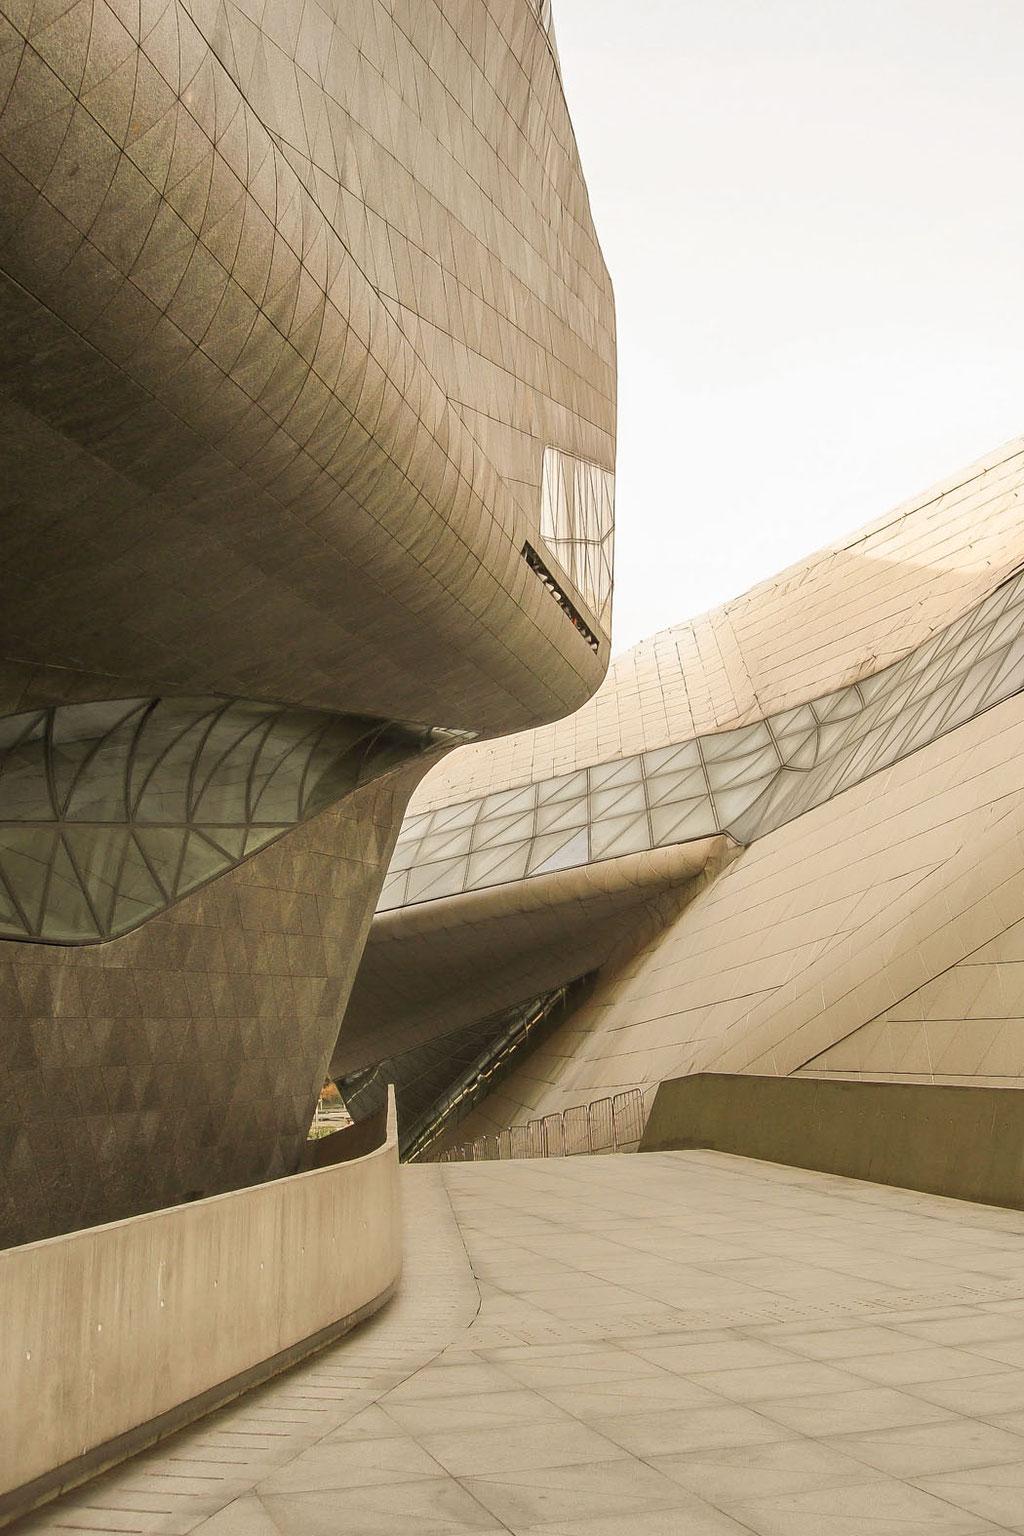 Guangzhou Opera House (Zaha Hadid), Guangzhou, Guangdong (PRC)